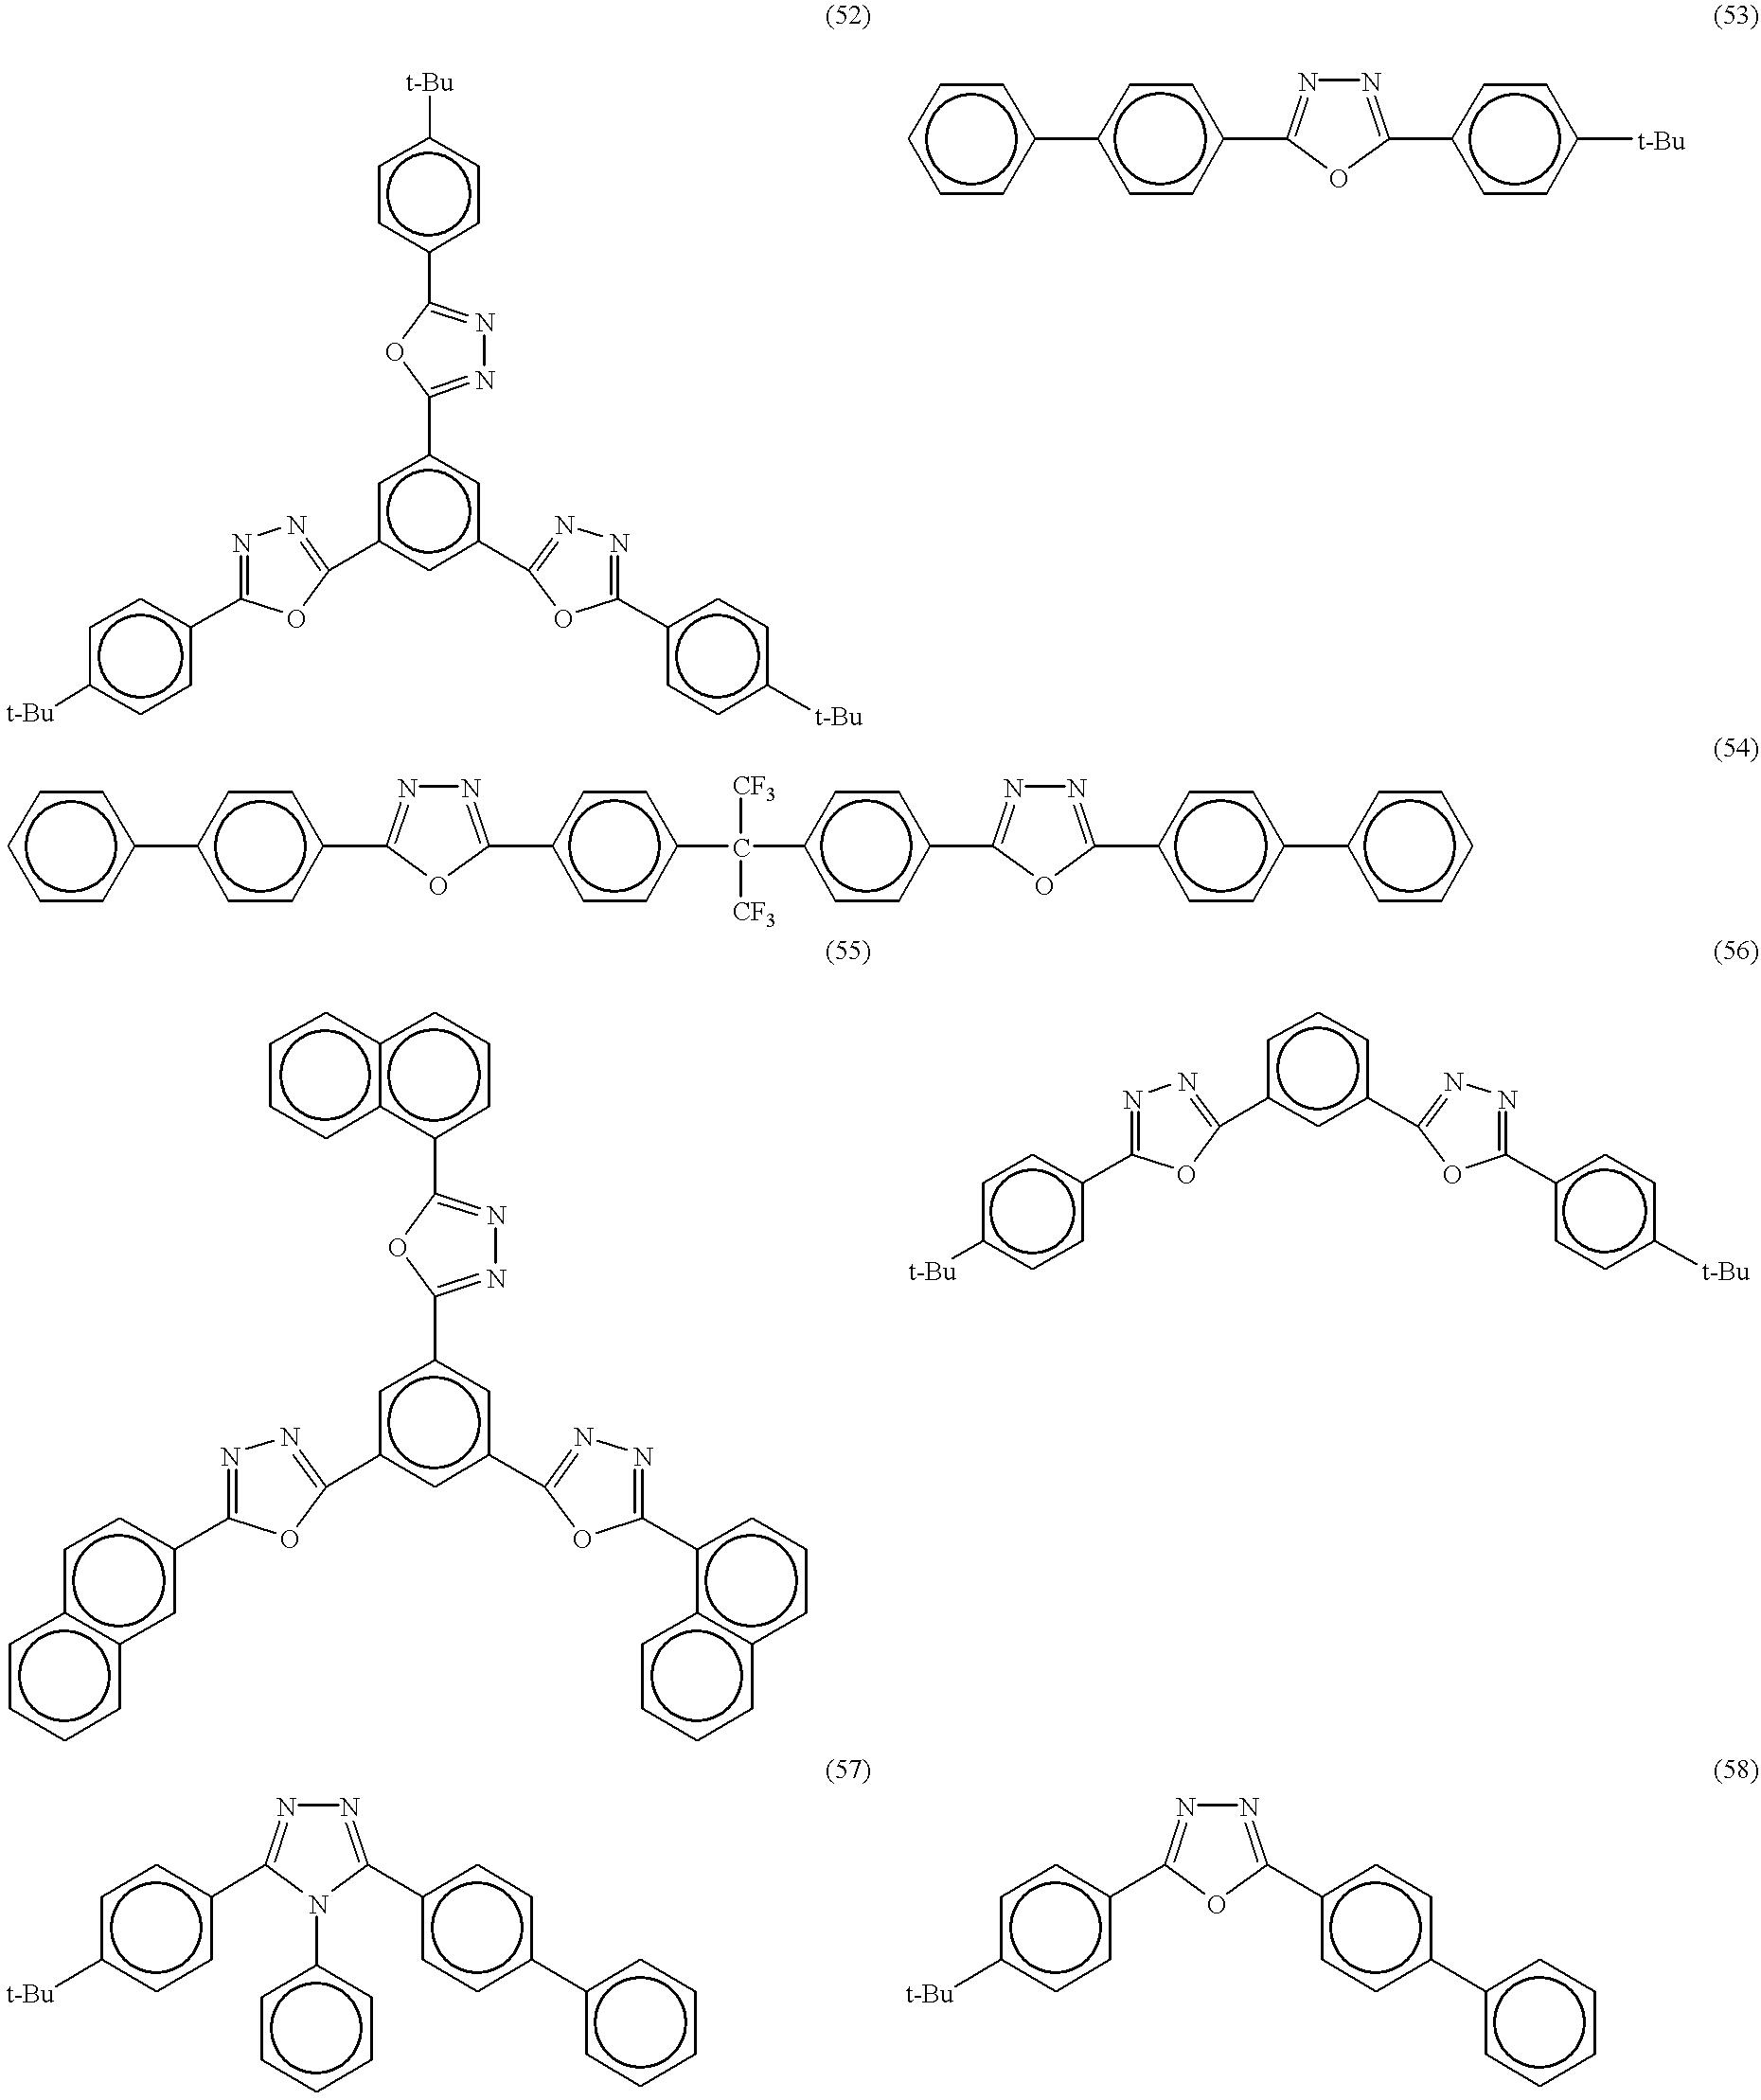 Figure US06602618-20030805-C00014